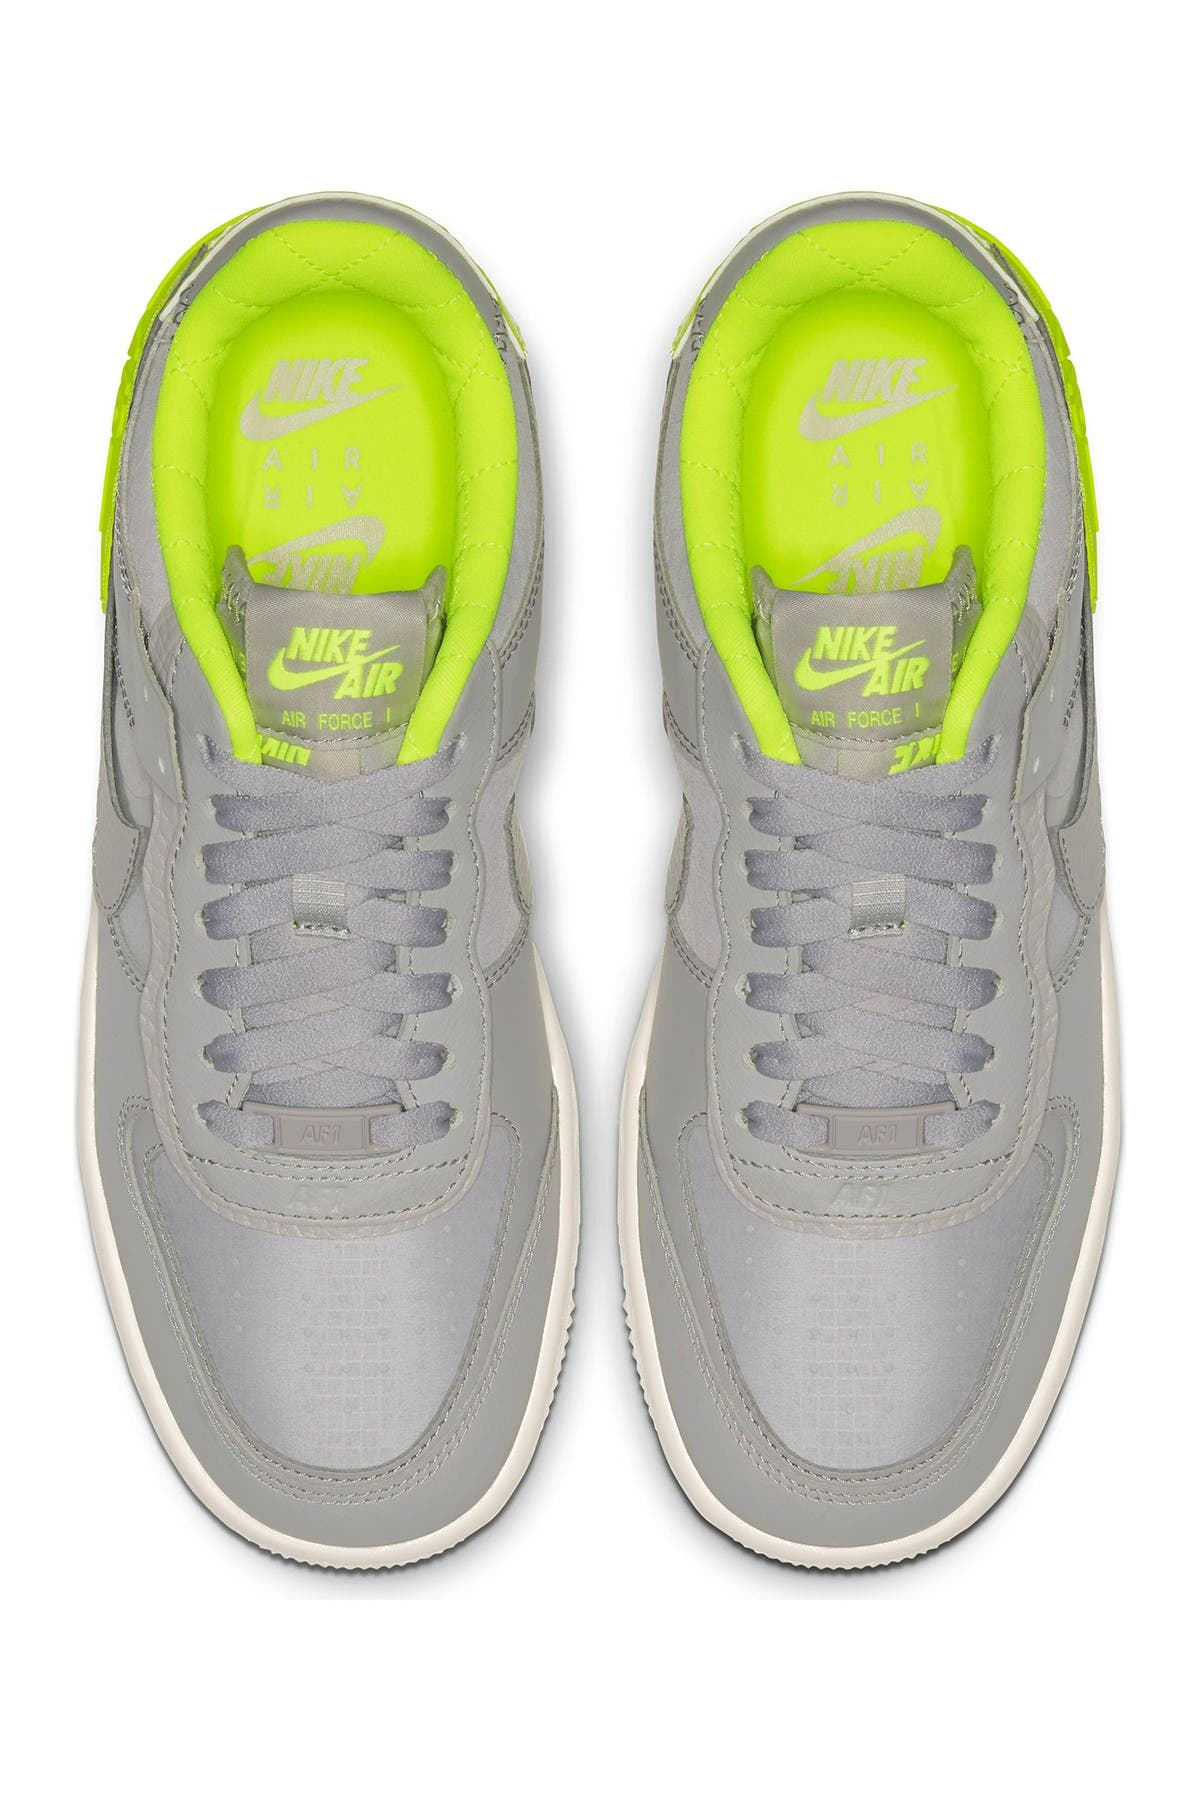 Nike Air Force 1 Shadow Sneaker Nordstrom Rack Nike air force 1 shadow sneaker (women) | nordstrom. nike air force 1 shadow sneaker nordstrom rack